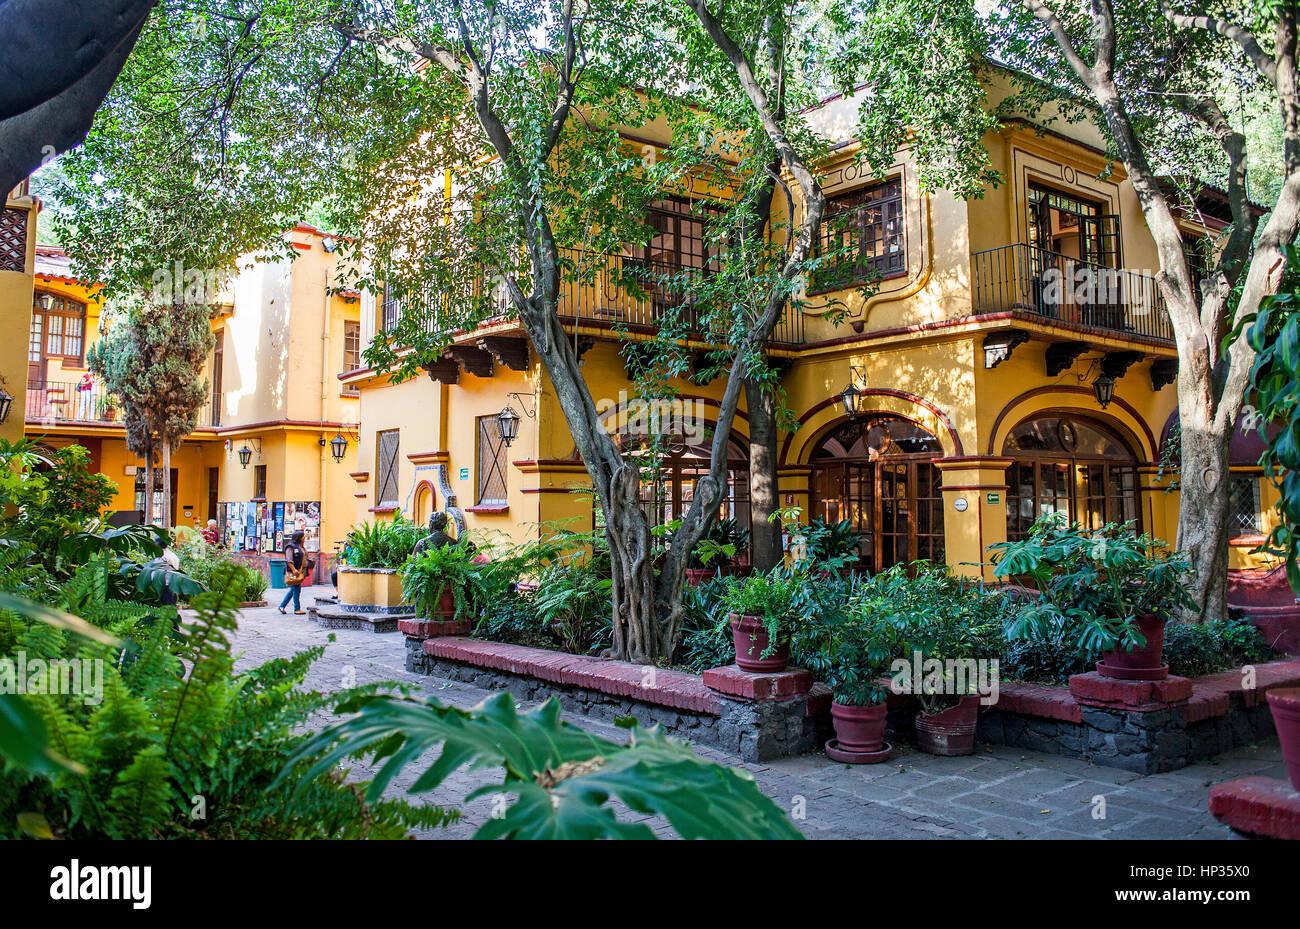 Casa de Cultura Jesus Reyes Heroles,Typical, architecture, Avenida Francisco Sosa, Coyoacan, Mexico City, Mexico - Stock Image